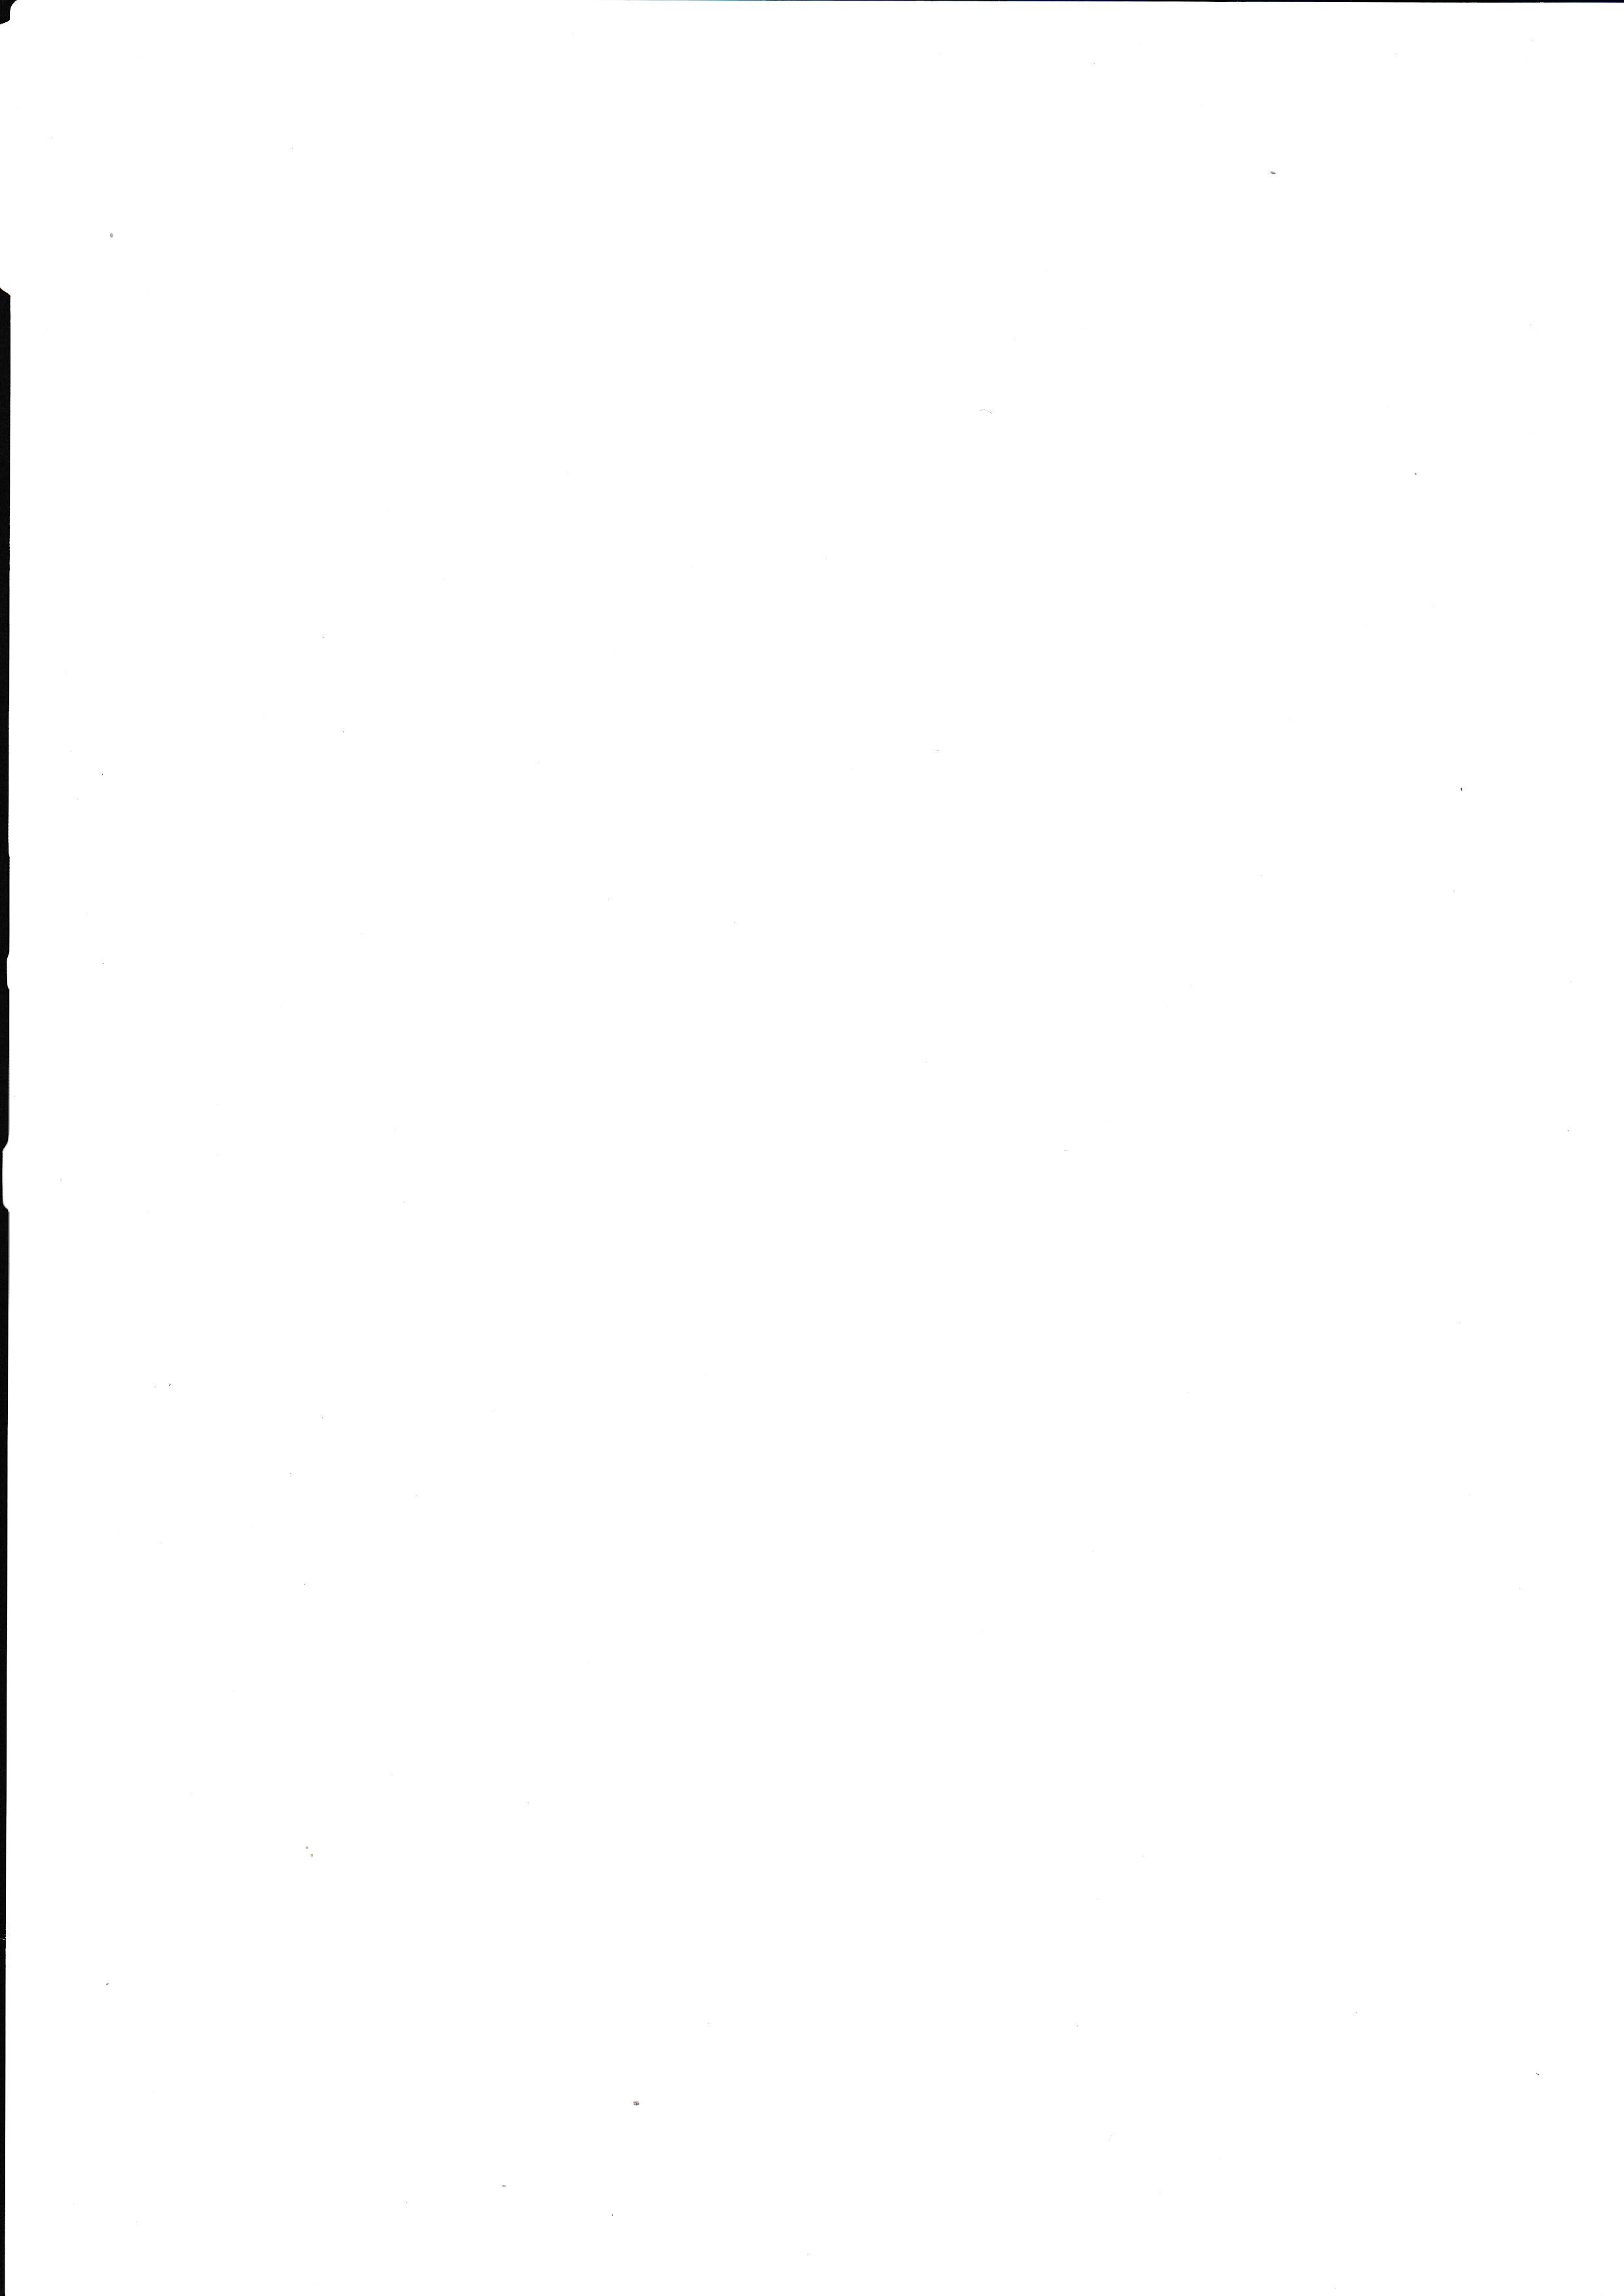 অতিঃ উপ-পুলিশ কমিশনার (গোয়েন্দা বিভাগ)